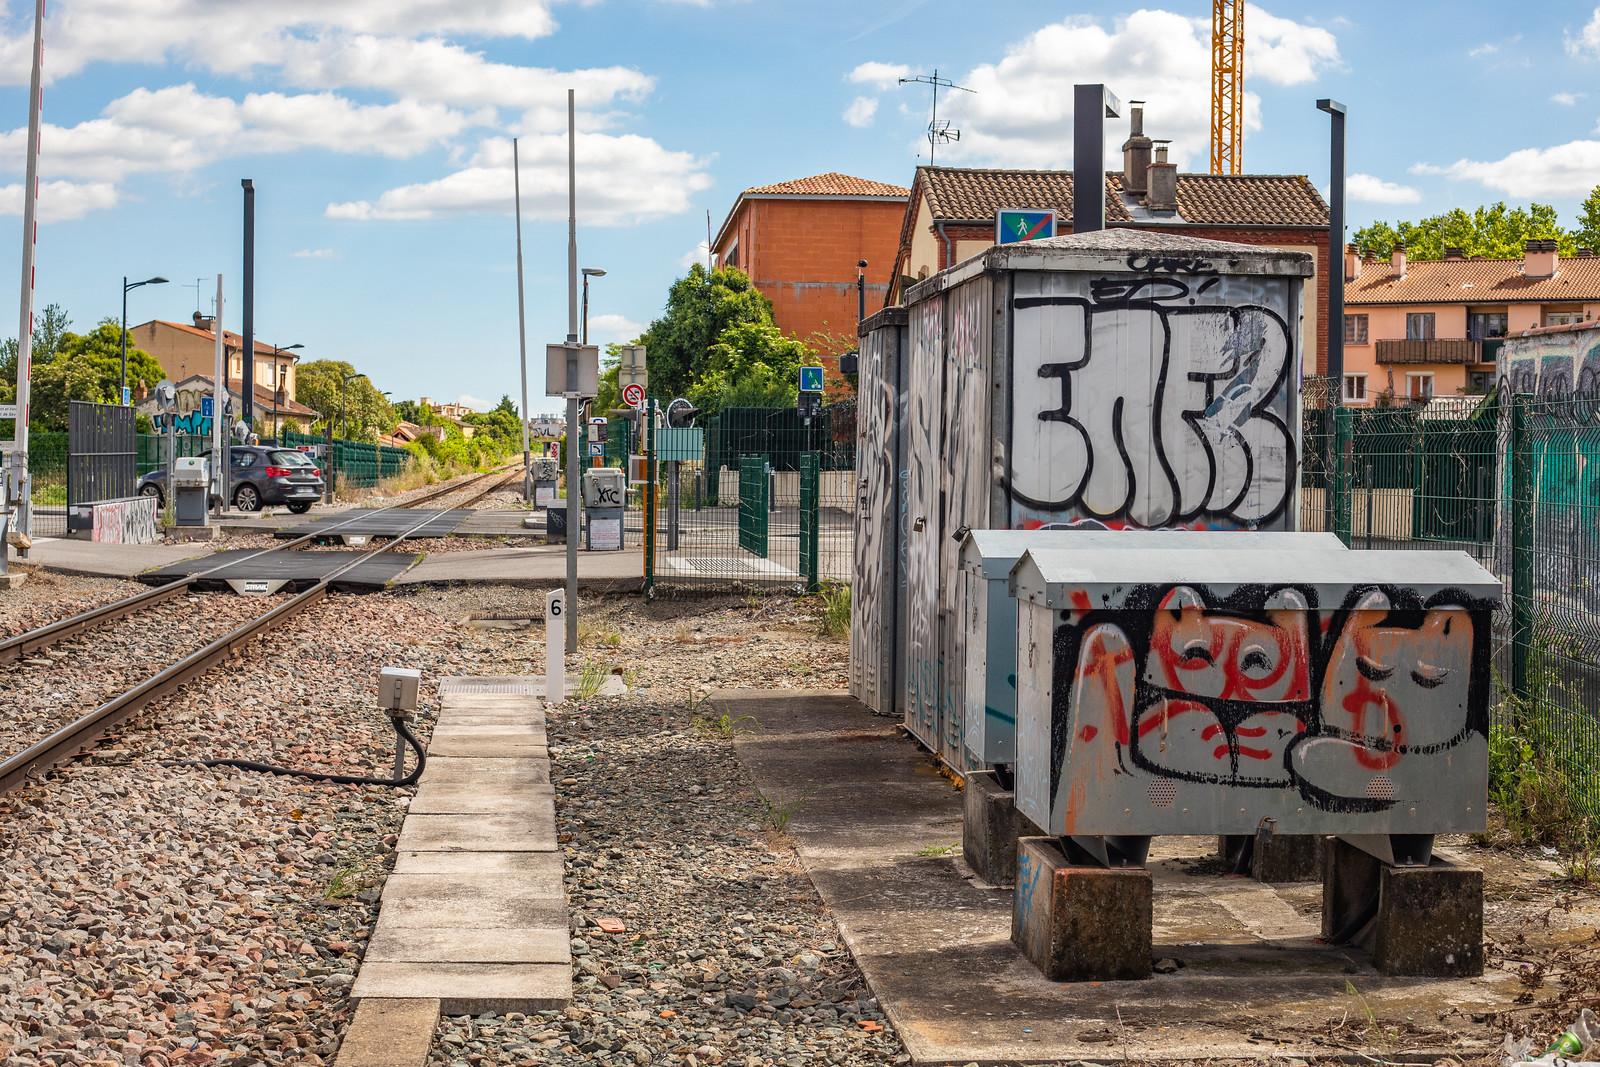 Photographie de graffitis par les artistes Enfer et Elmootmoot sur la voie ferrée à Toulouse en 2019.